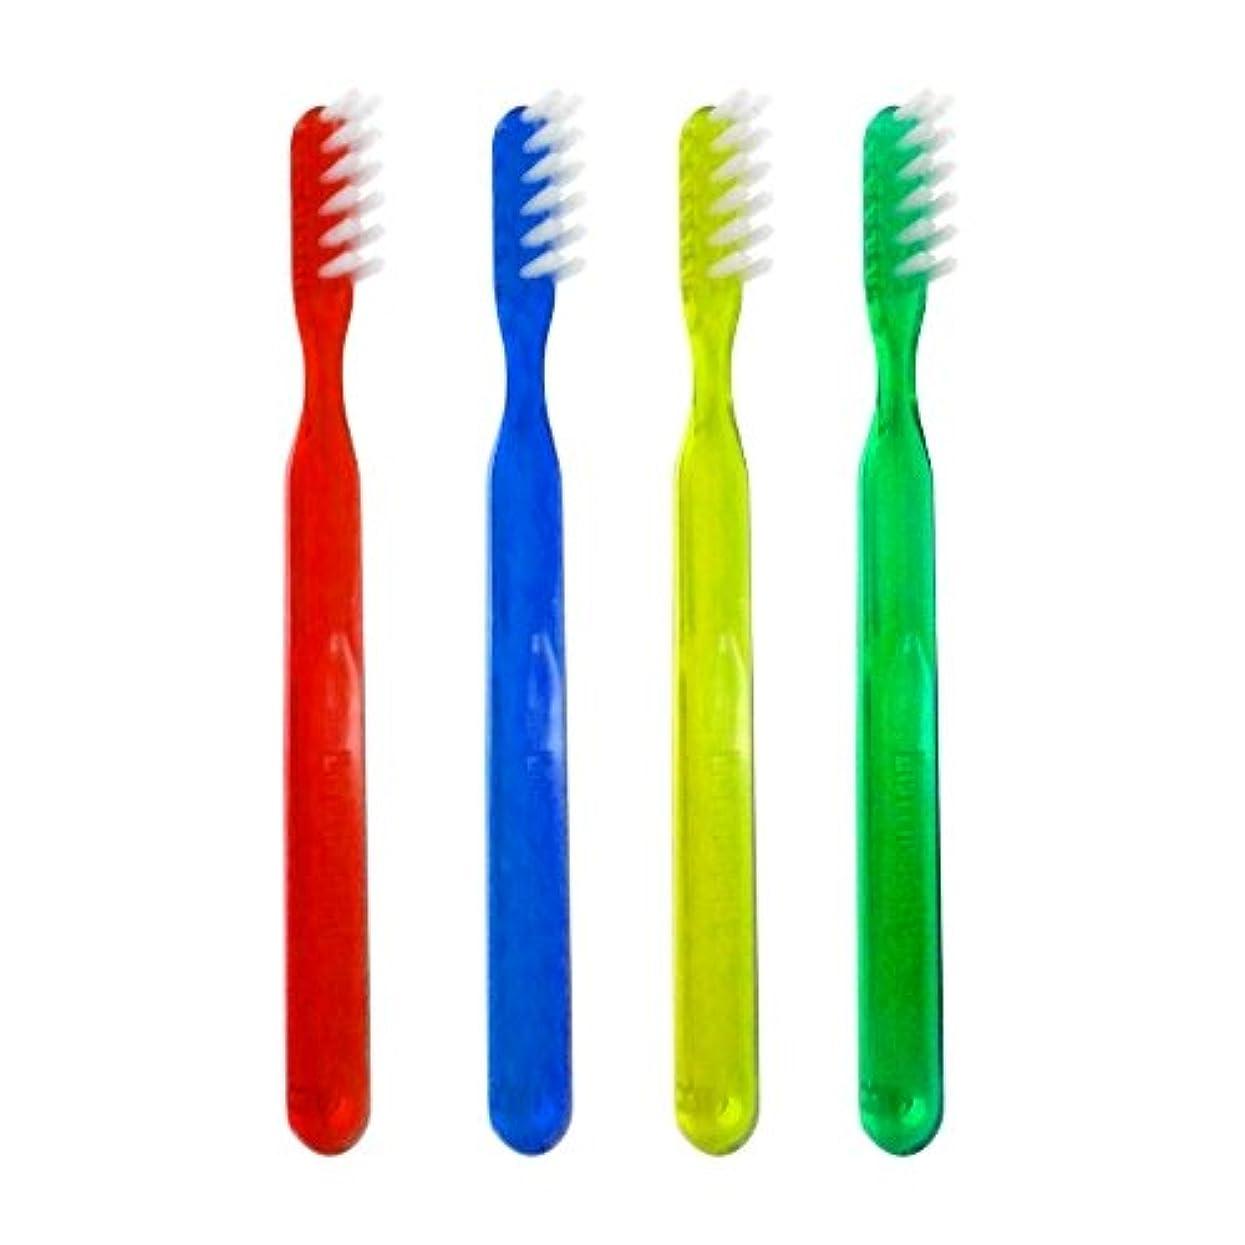 発行する発送変換するヘレウス ルミデント 歯ブラシ 1本 ローリングH